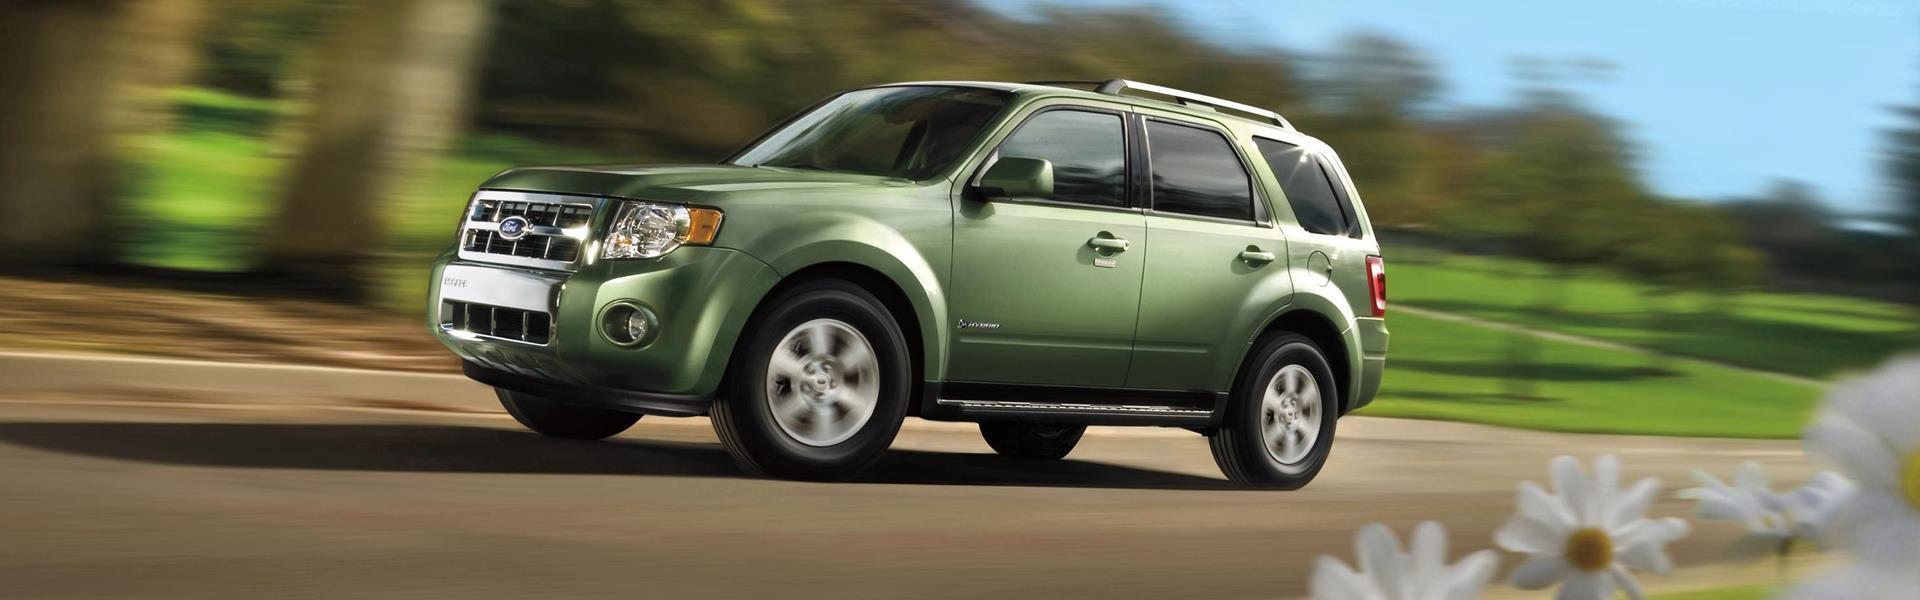 Car Dealer Financing Bad Credit Car Finance In House